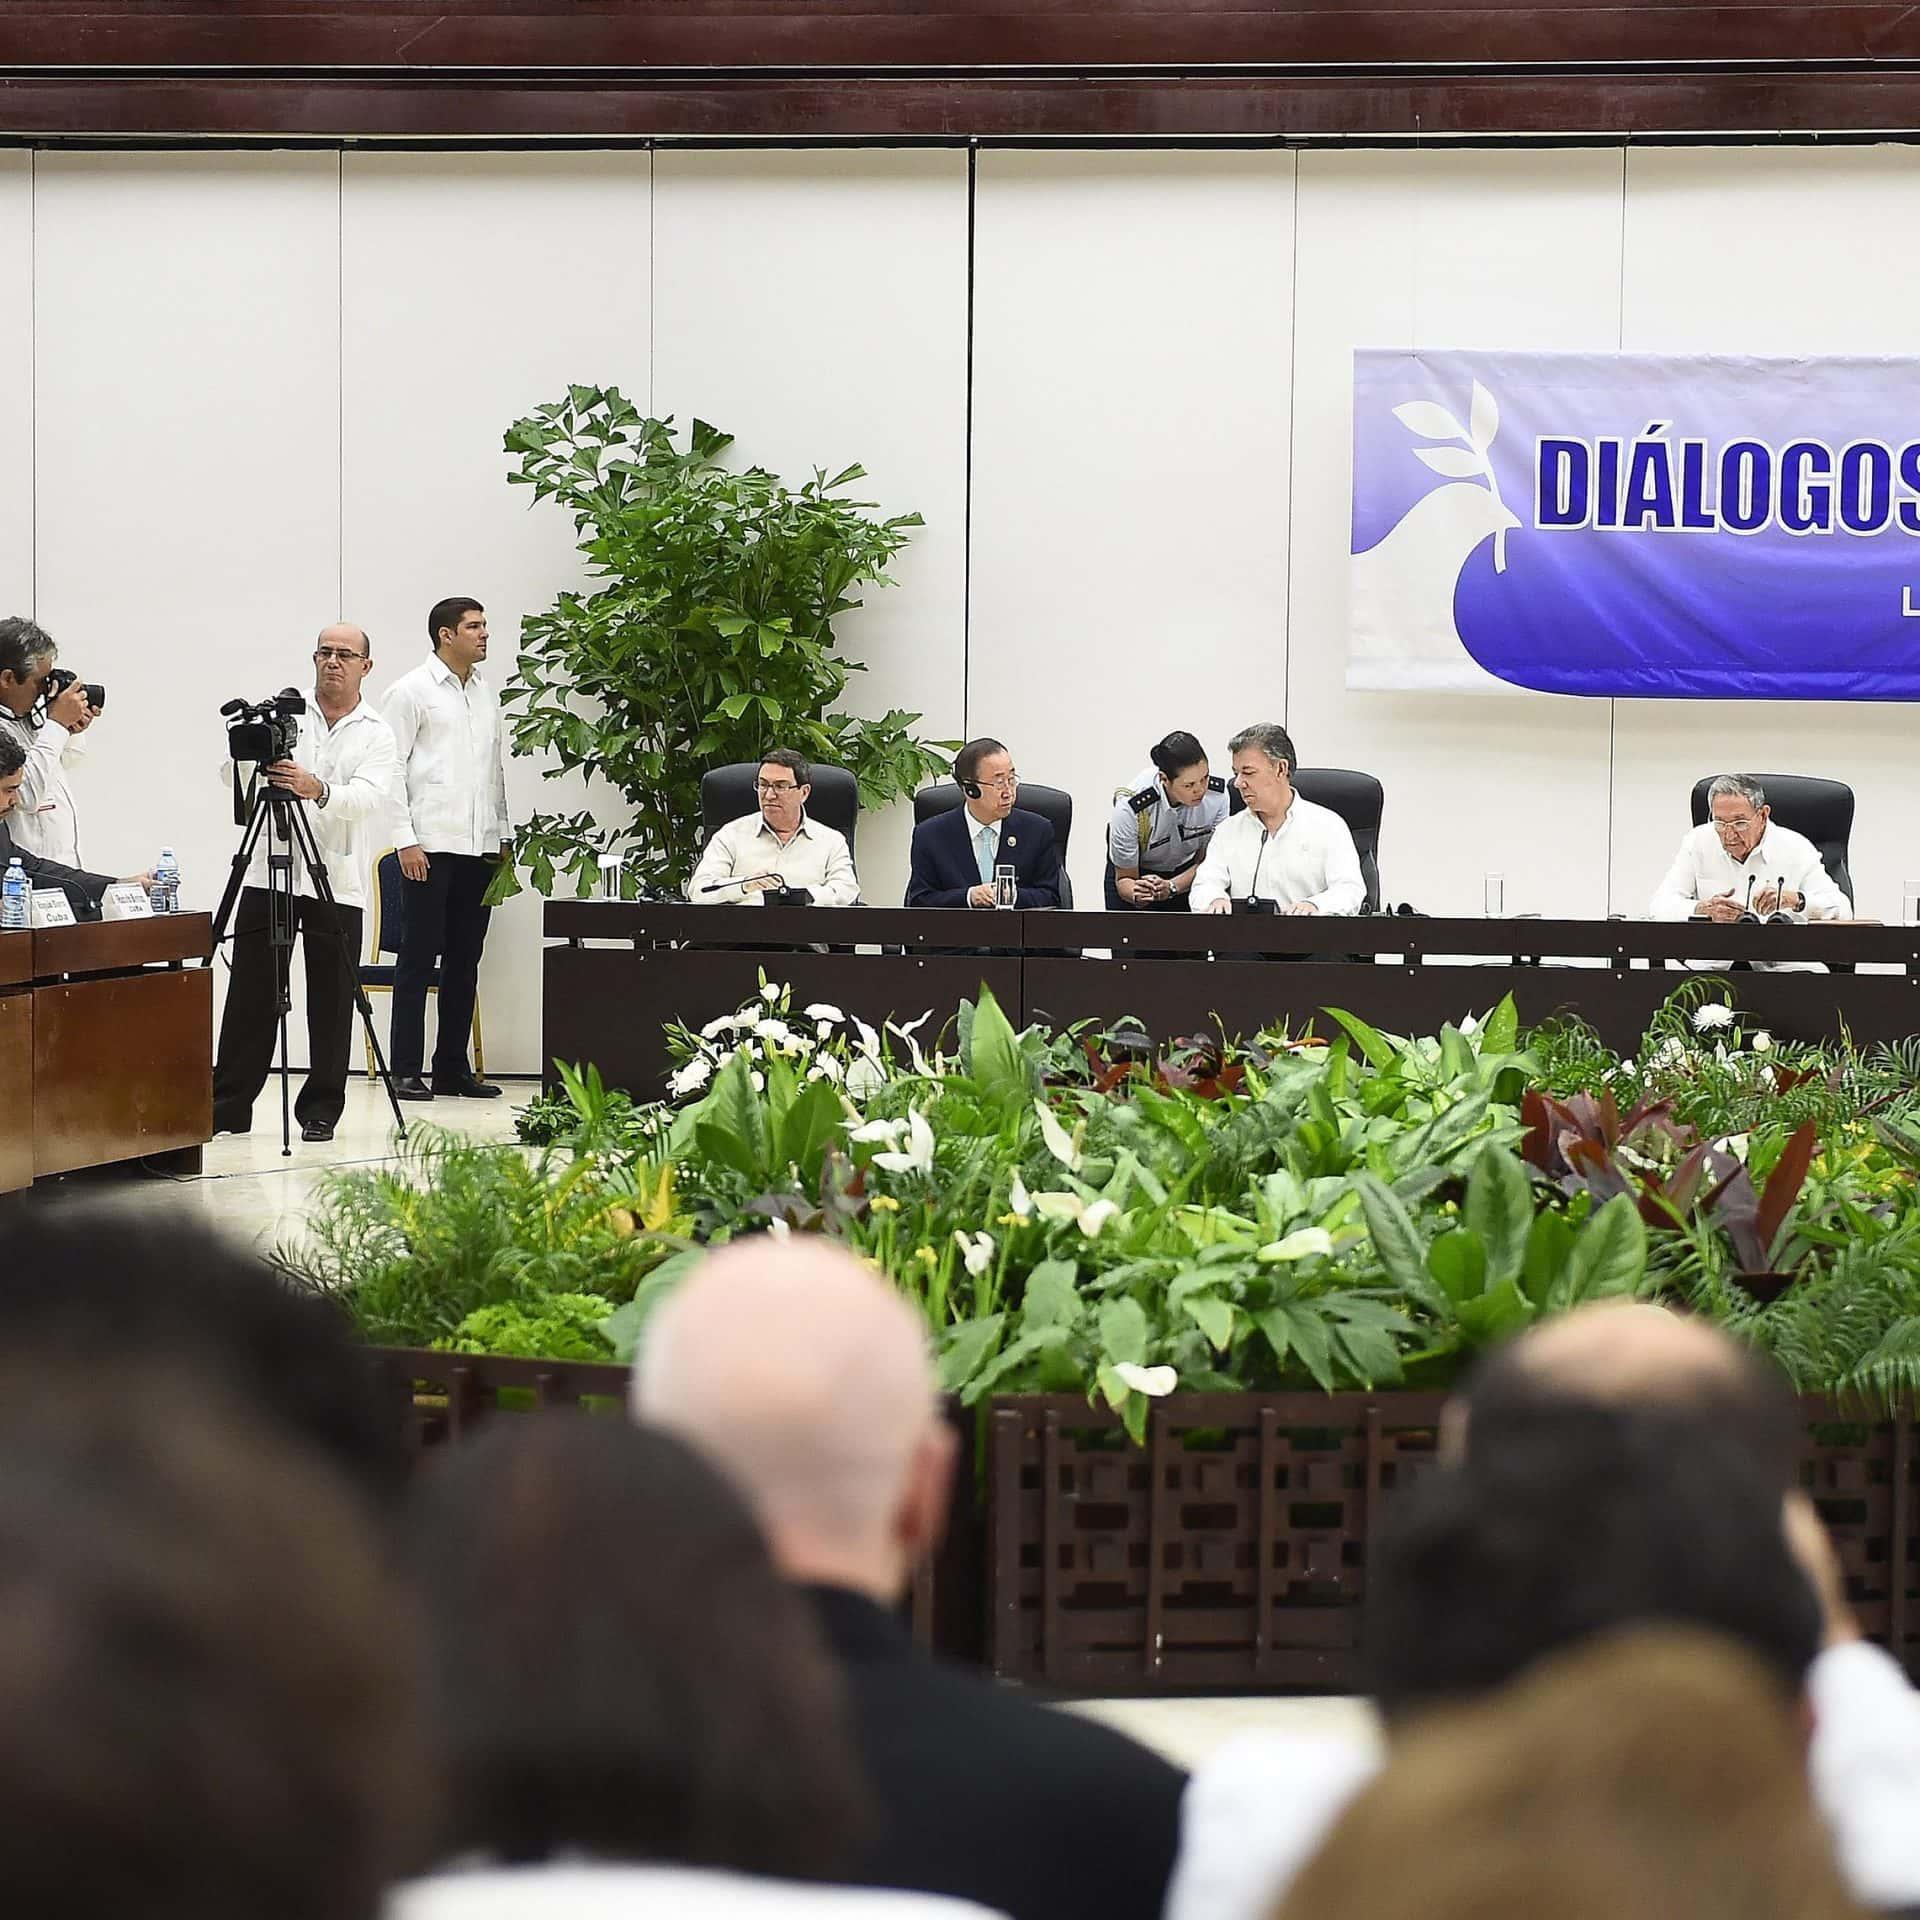 Männer mit weissen Hemden sitzen an einem langen Konferenztisch.